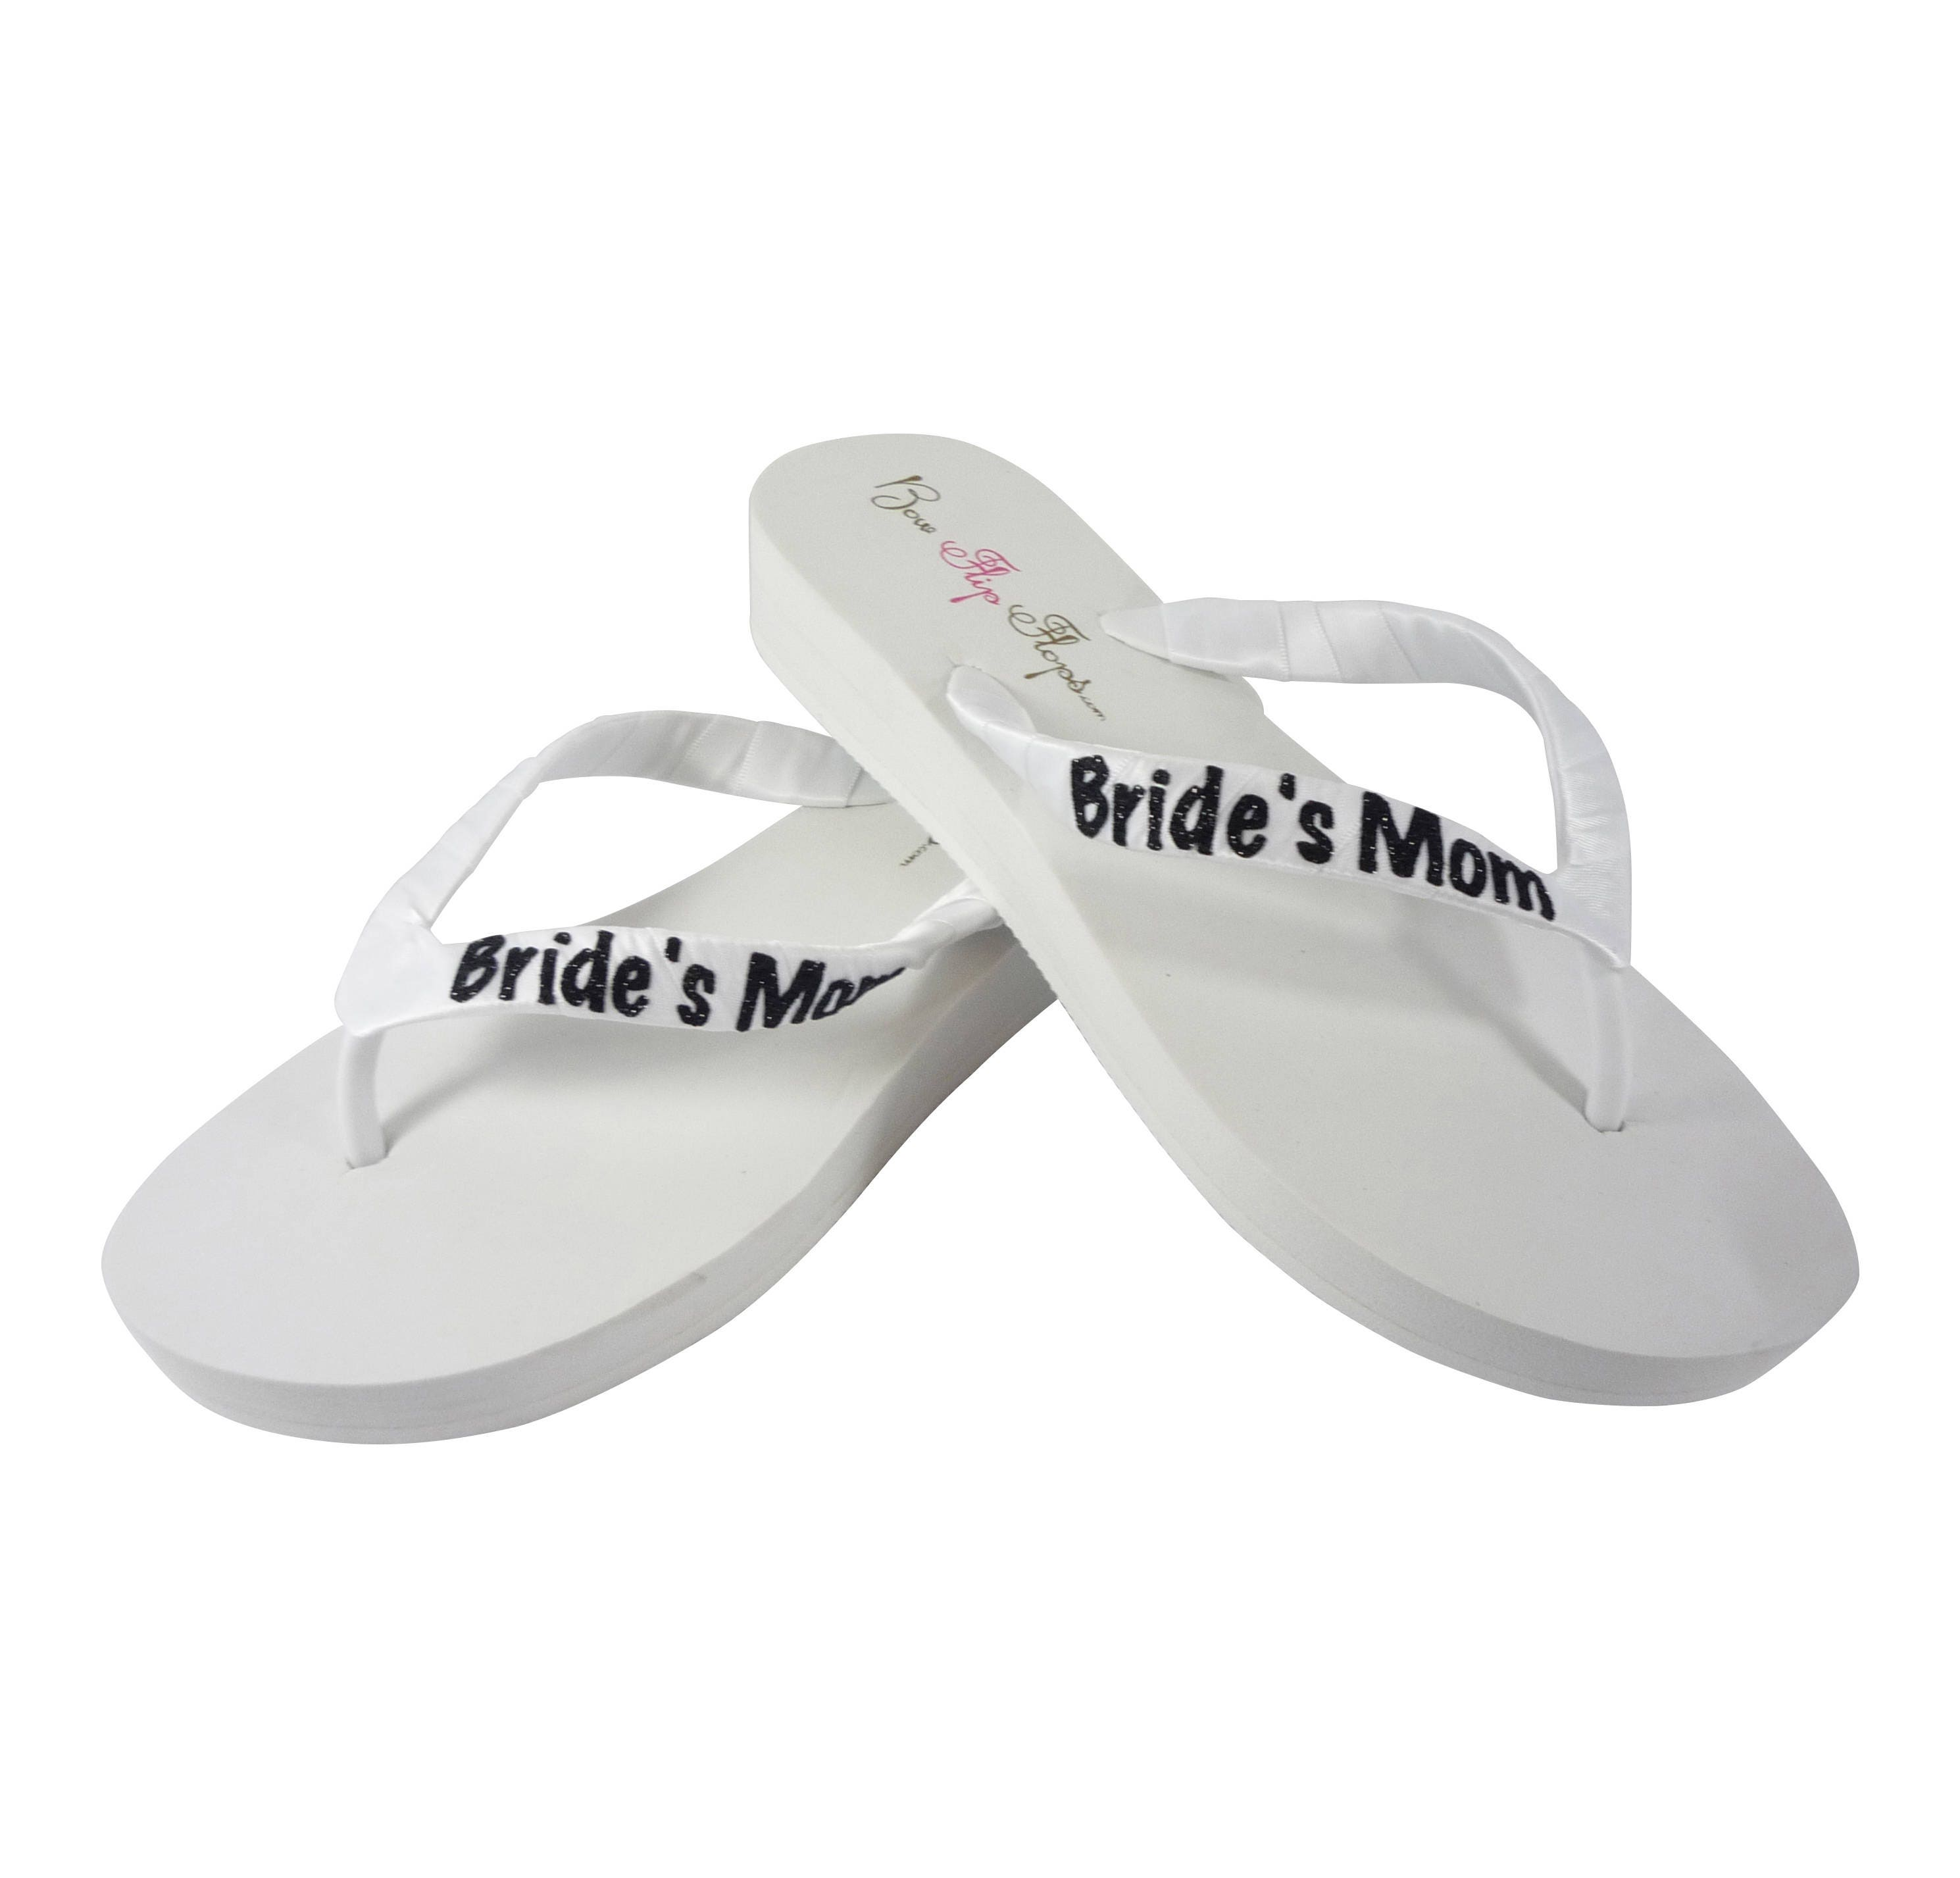 e3e1273f22c Bride s Mom Flip Flops  Groom s Mom Wedges  Ivory .